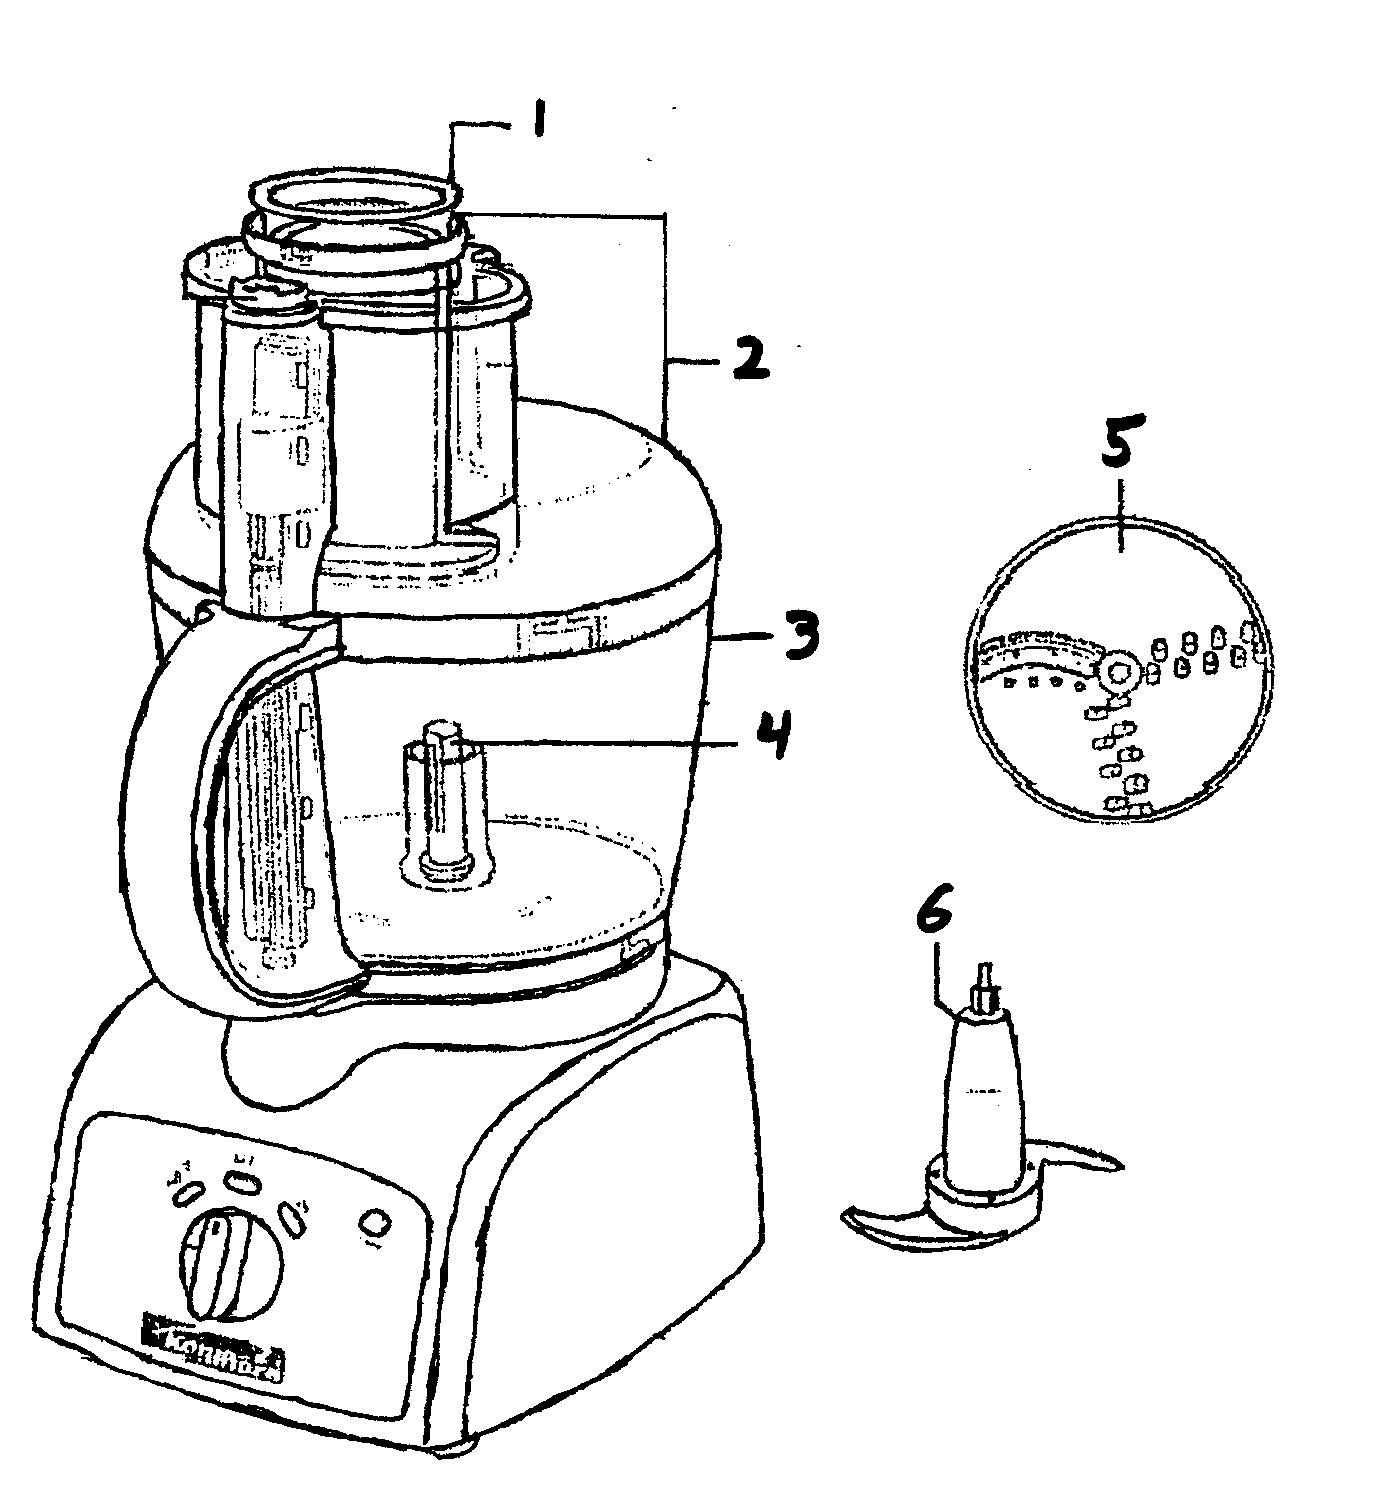 Kenmore model 10080002 food processor genuine parts